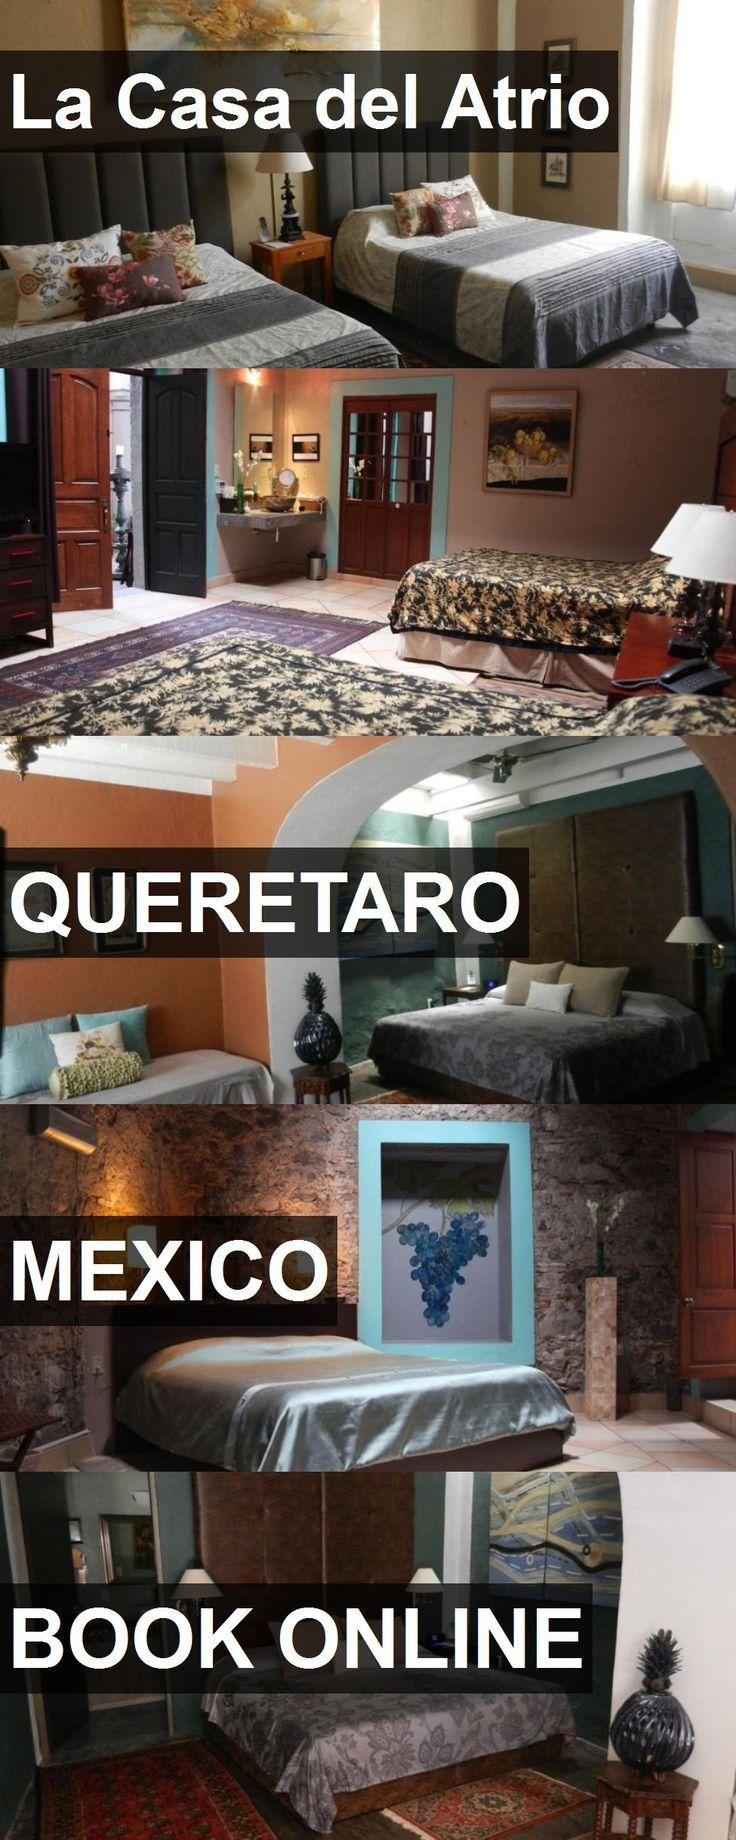 Hotel La Casa del Atrio in Queretaro, Mexico. For more information, photos, reviews and best prices please follow the link. #Mexico #Queretaro #LaCasadelAtrio #hotel #travel #vacation